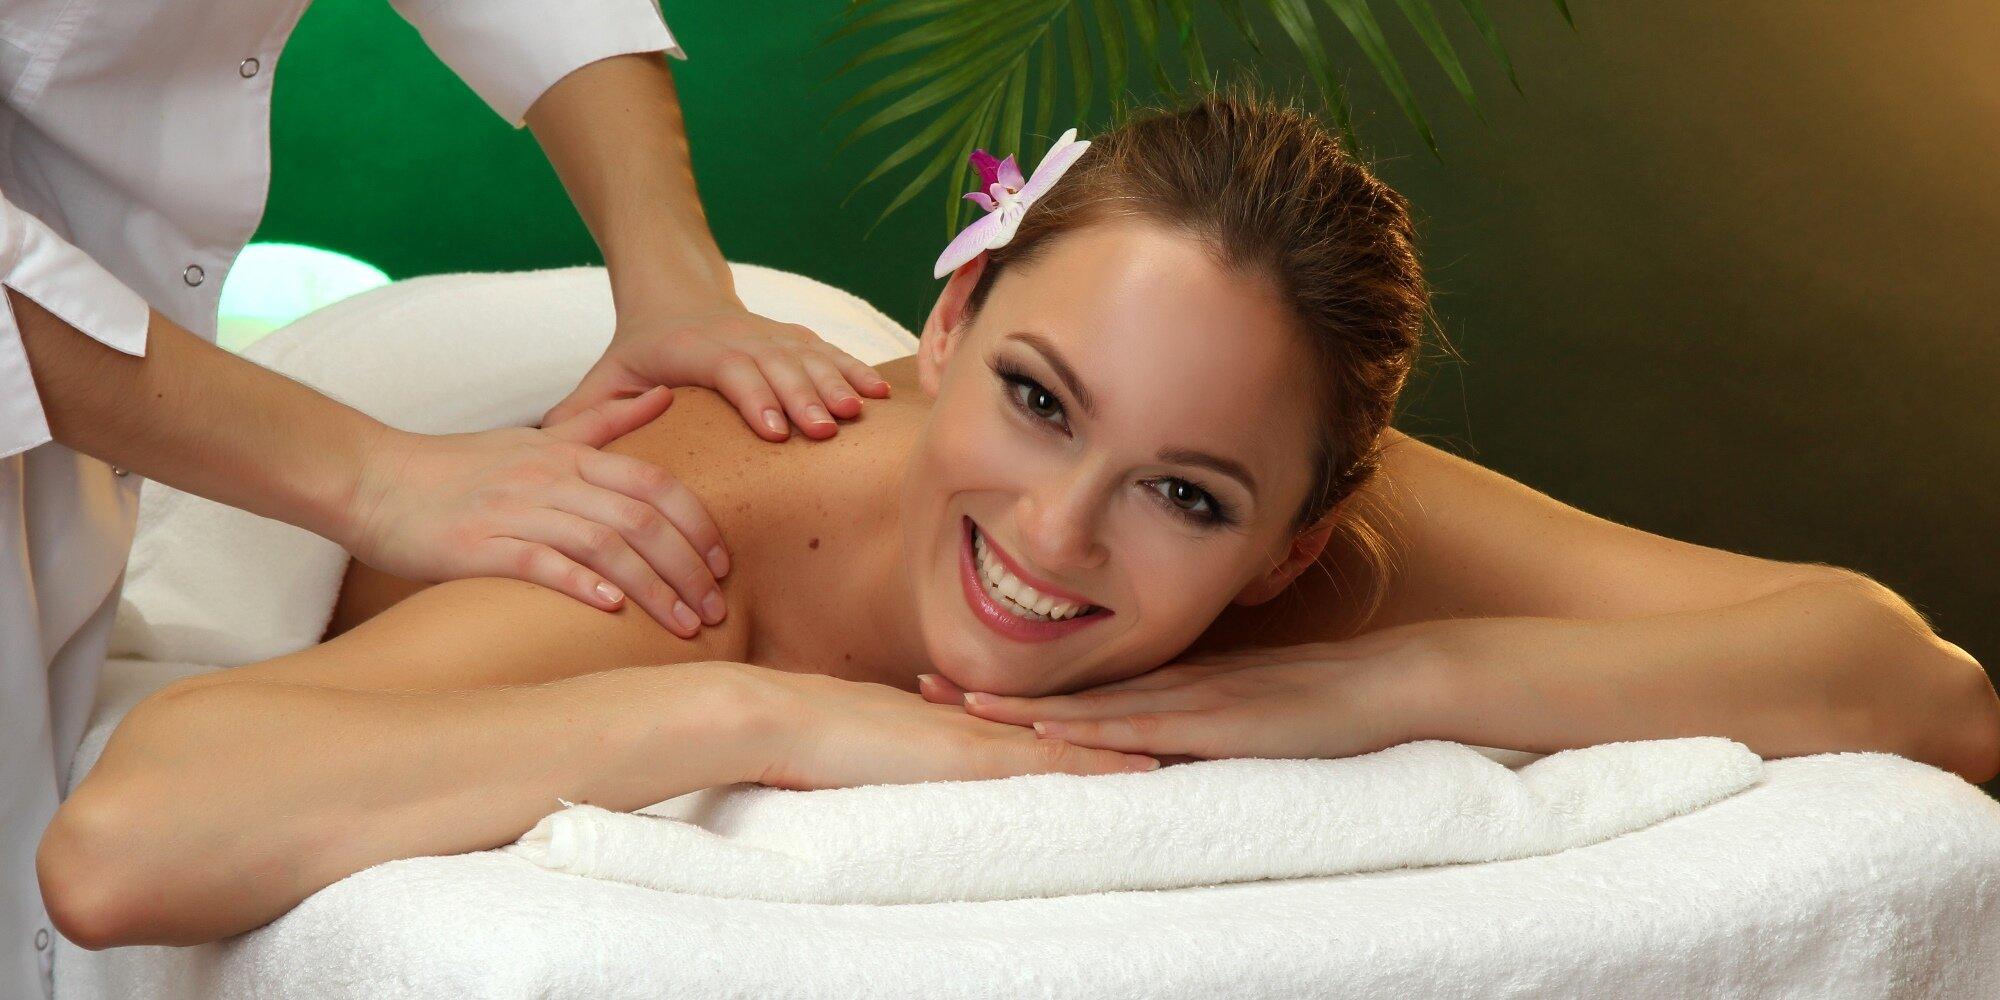 Hot massage sex porn pics